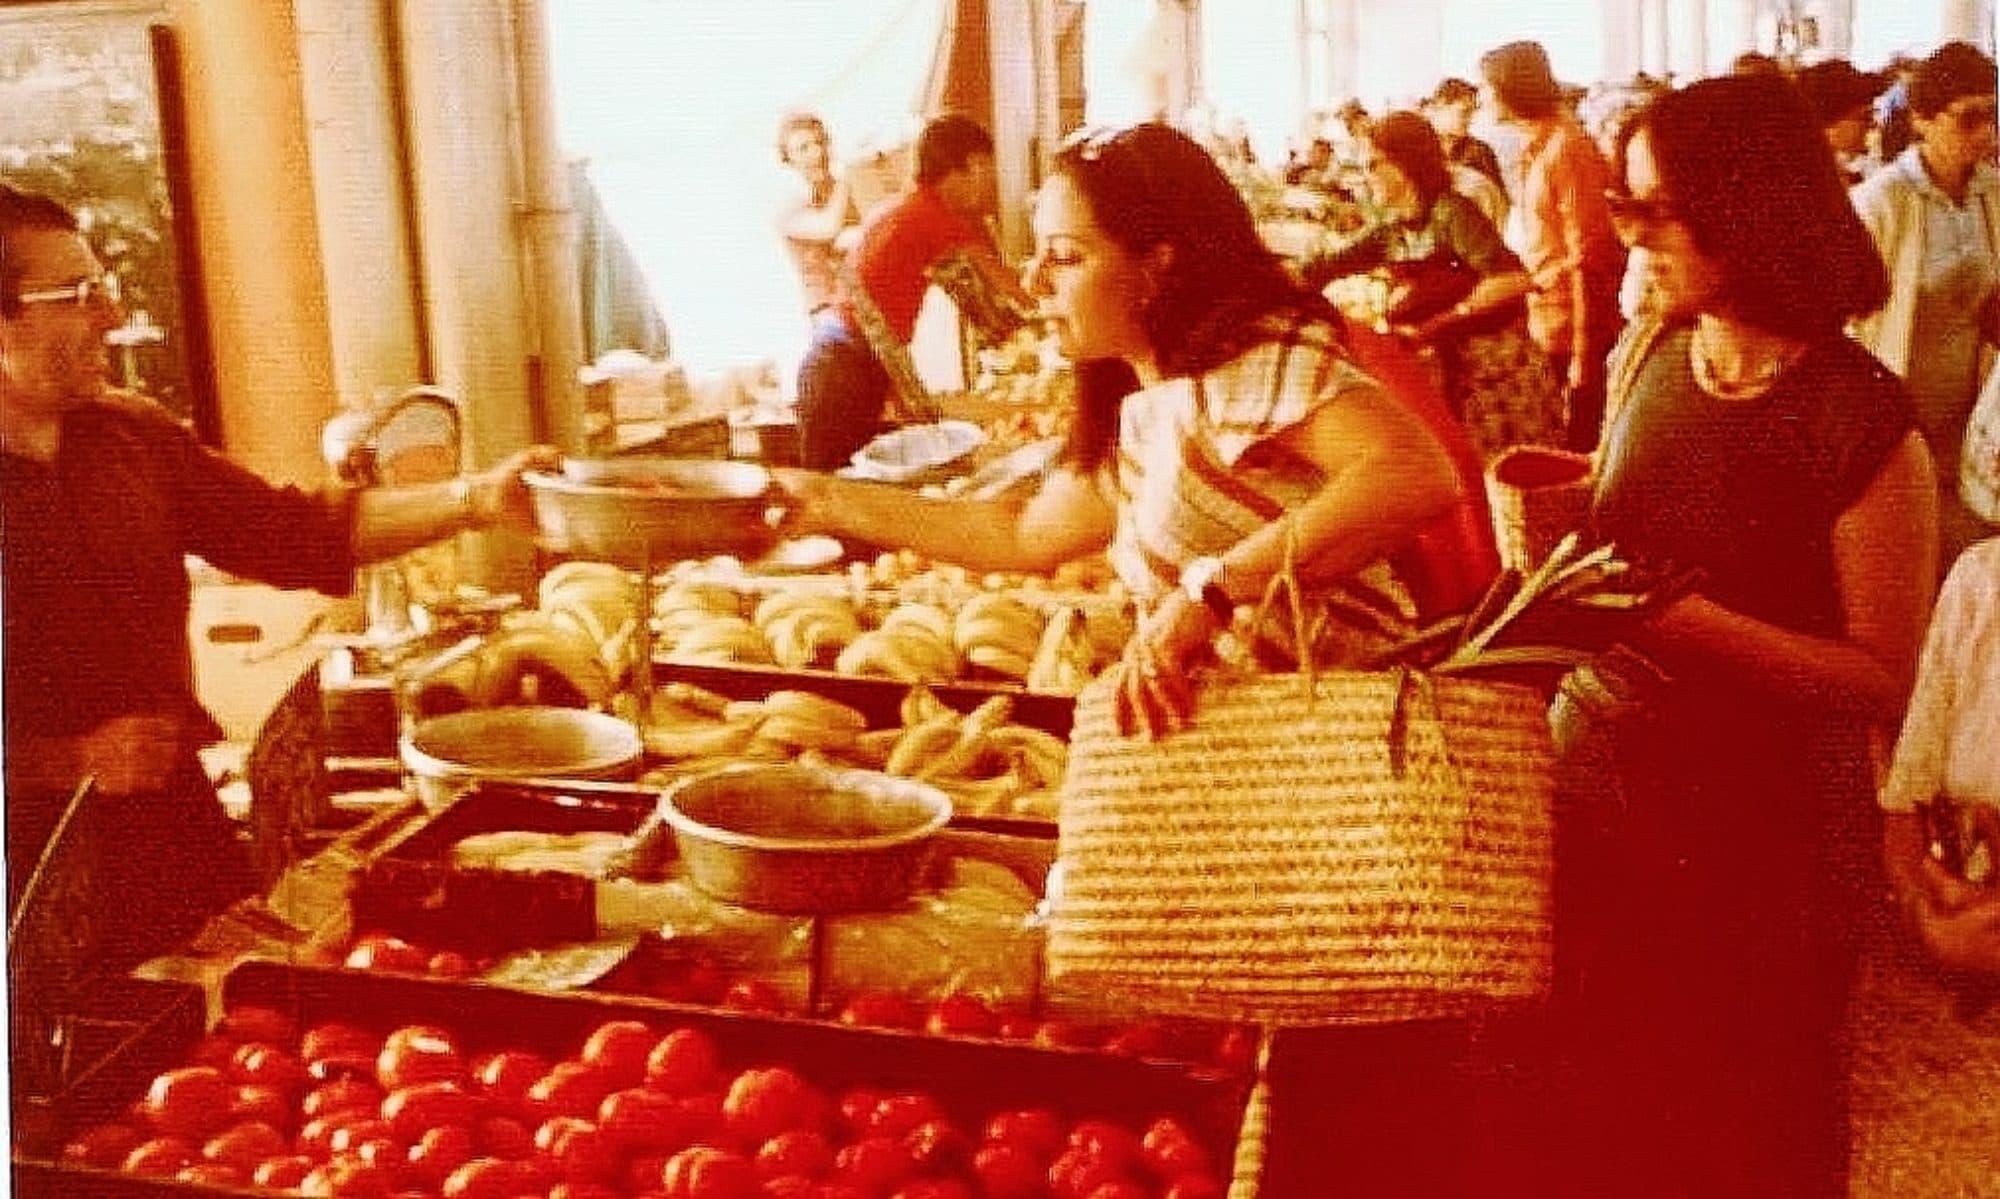 Marché Forville destination food market